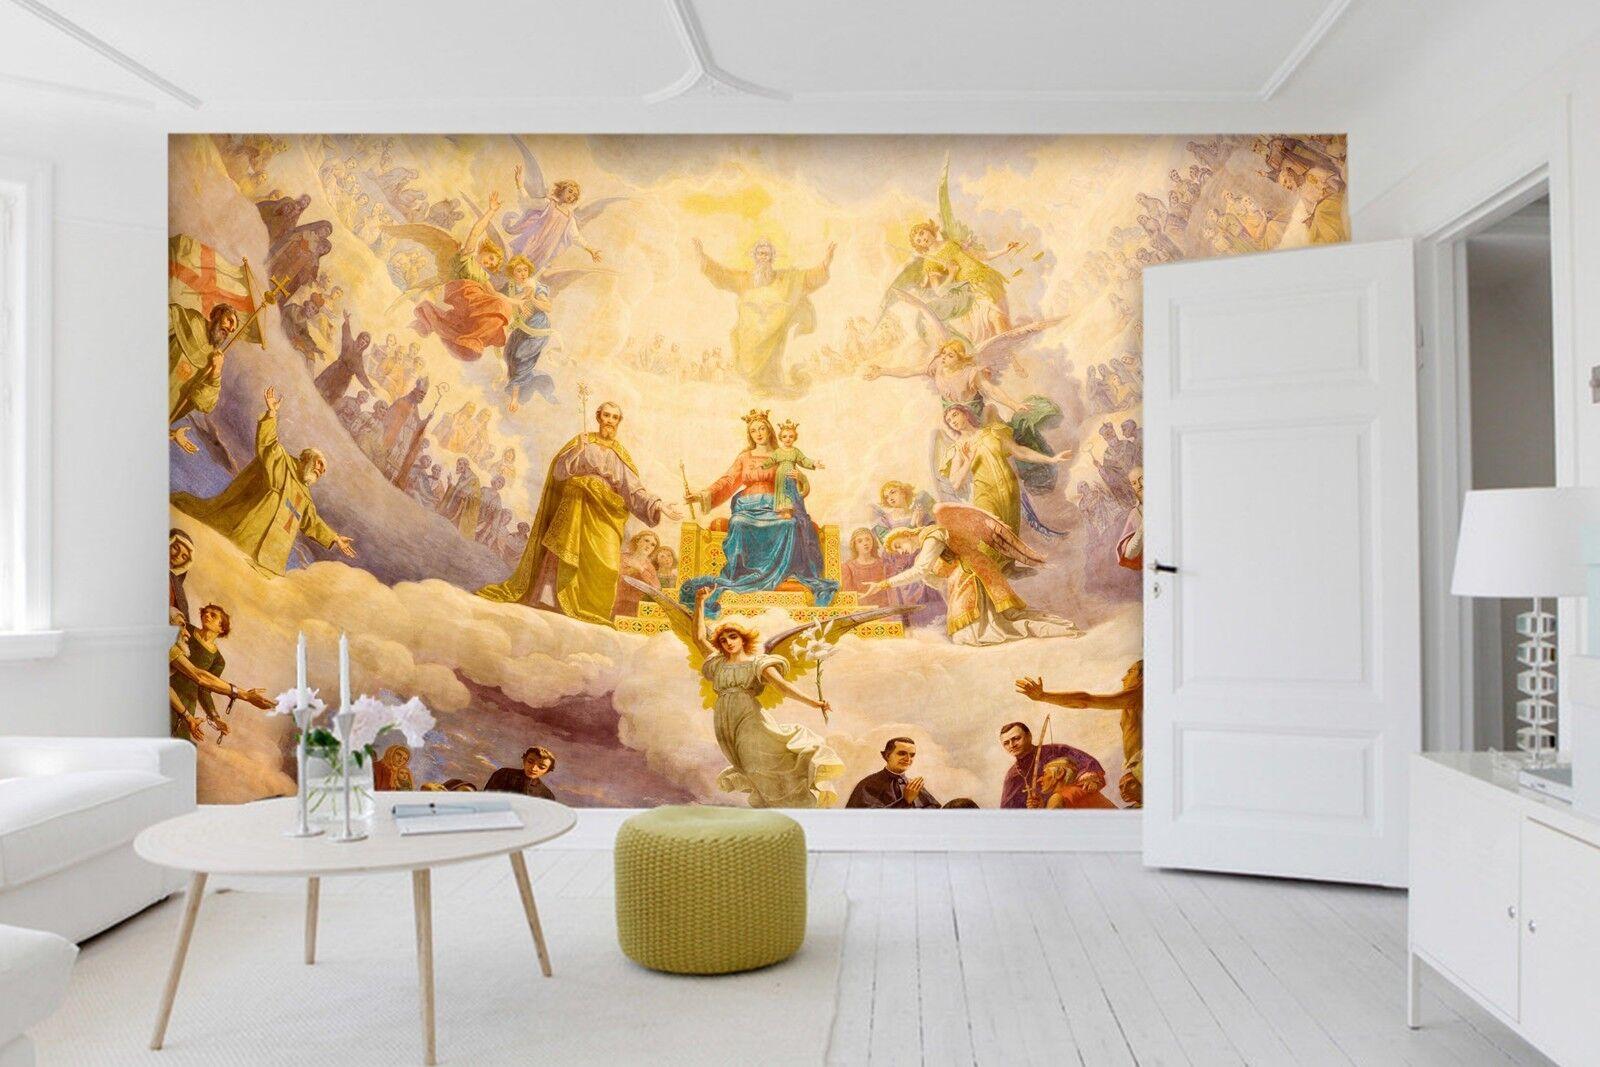 3D Himmel Feier Malerei 23 Tapete Wandgemälde Tapete Tapeten Familie Kinde DE